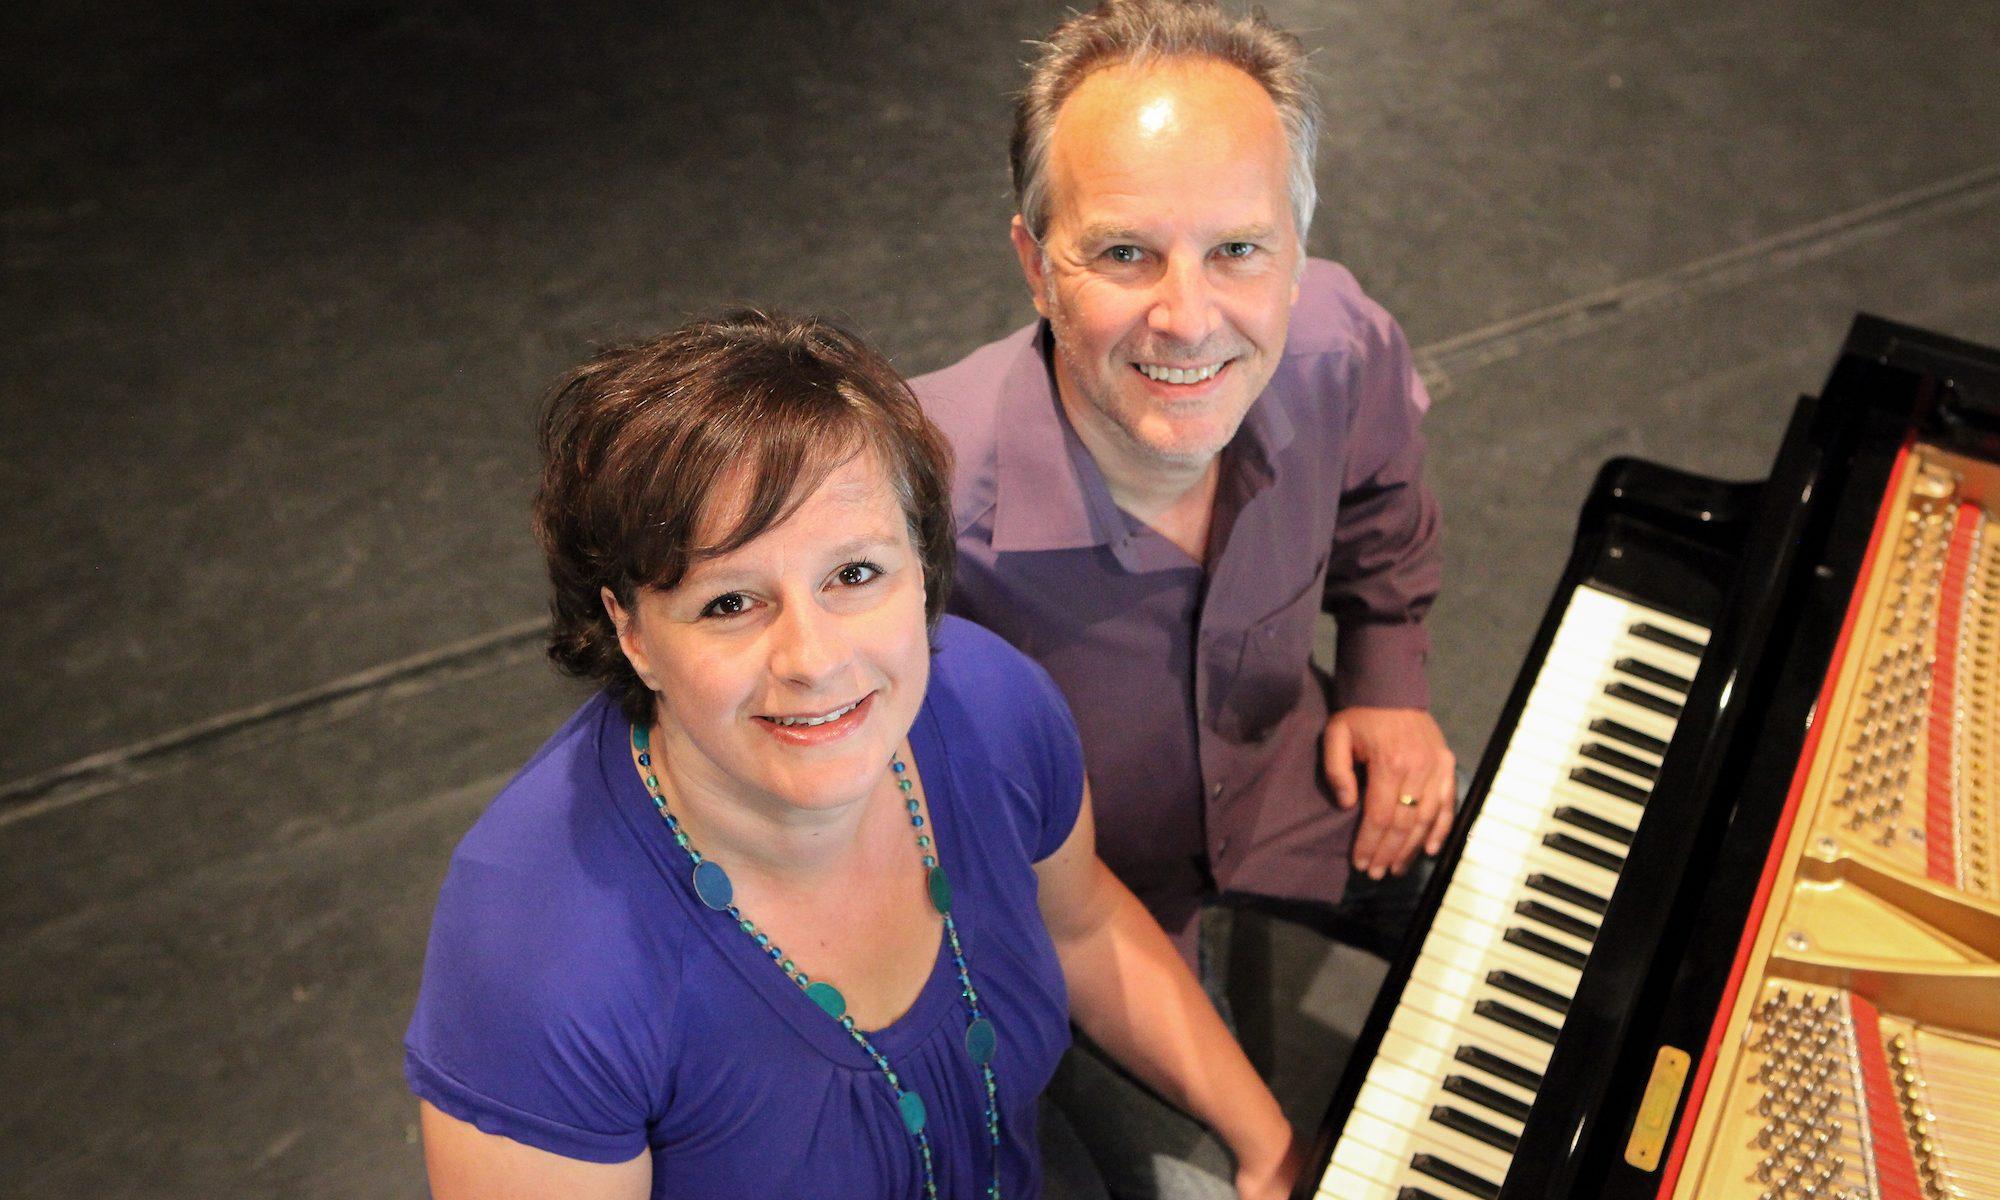 Sängerin Andrea Kaiser und Pianist Manfred Heinen aus Mönchengladbach